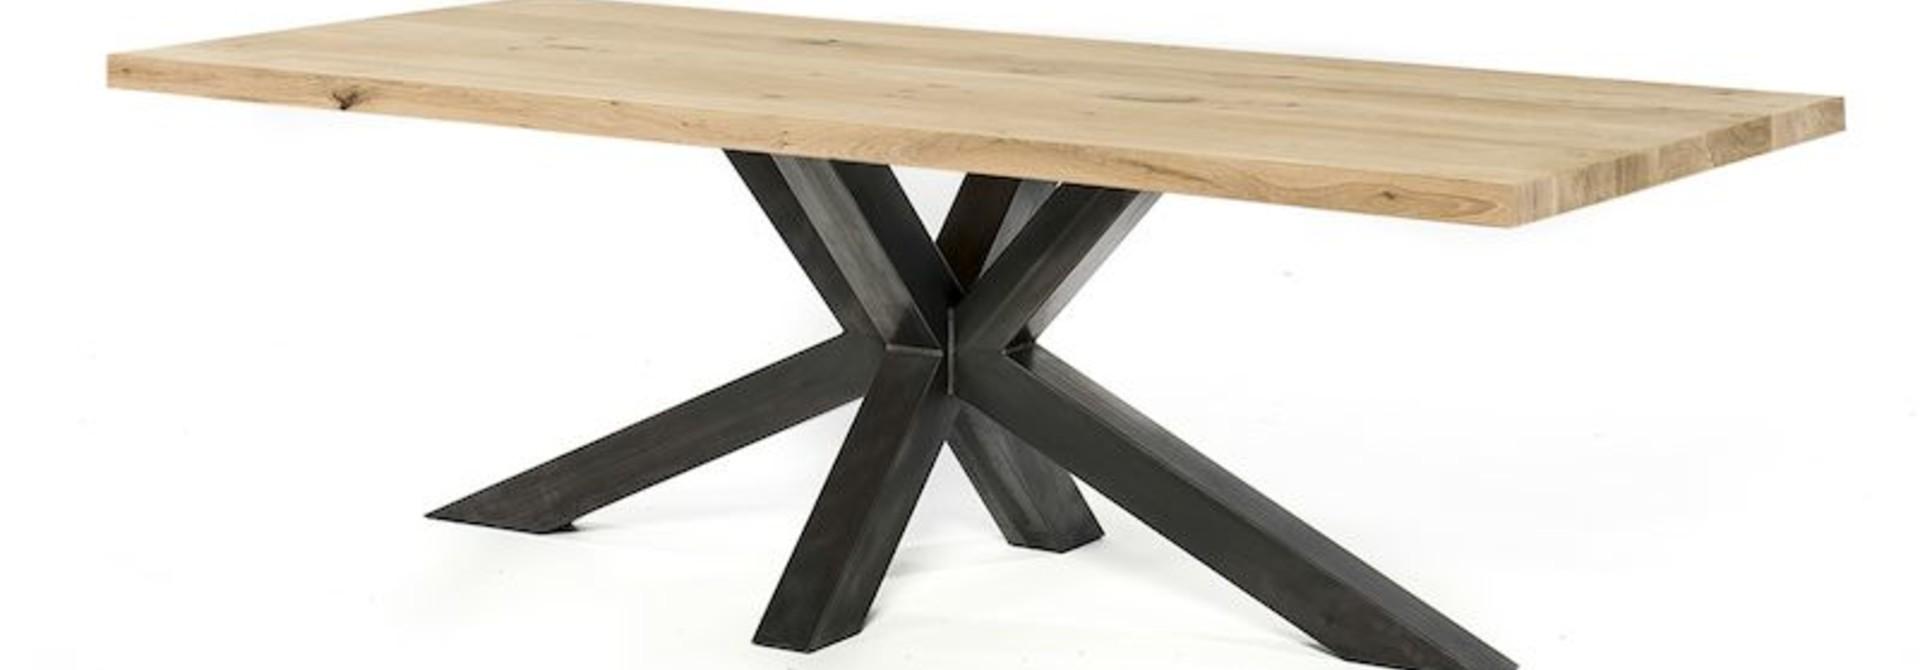 Eiken tafels   stalen onderstel   massief eiken blad